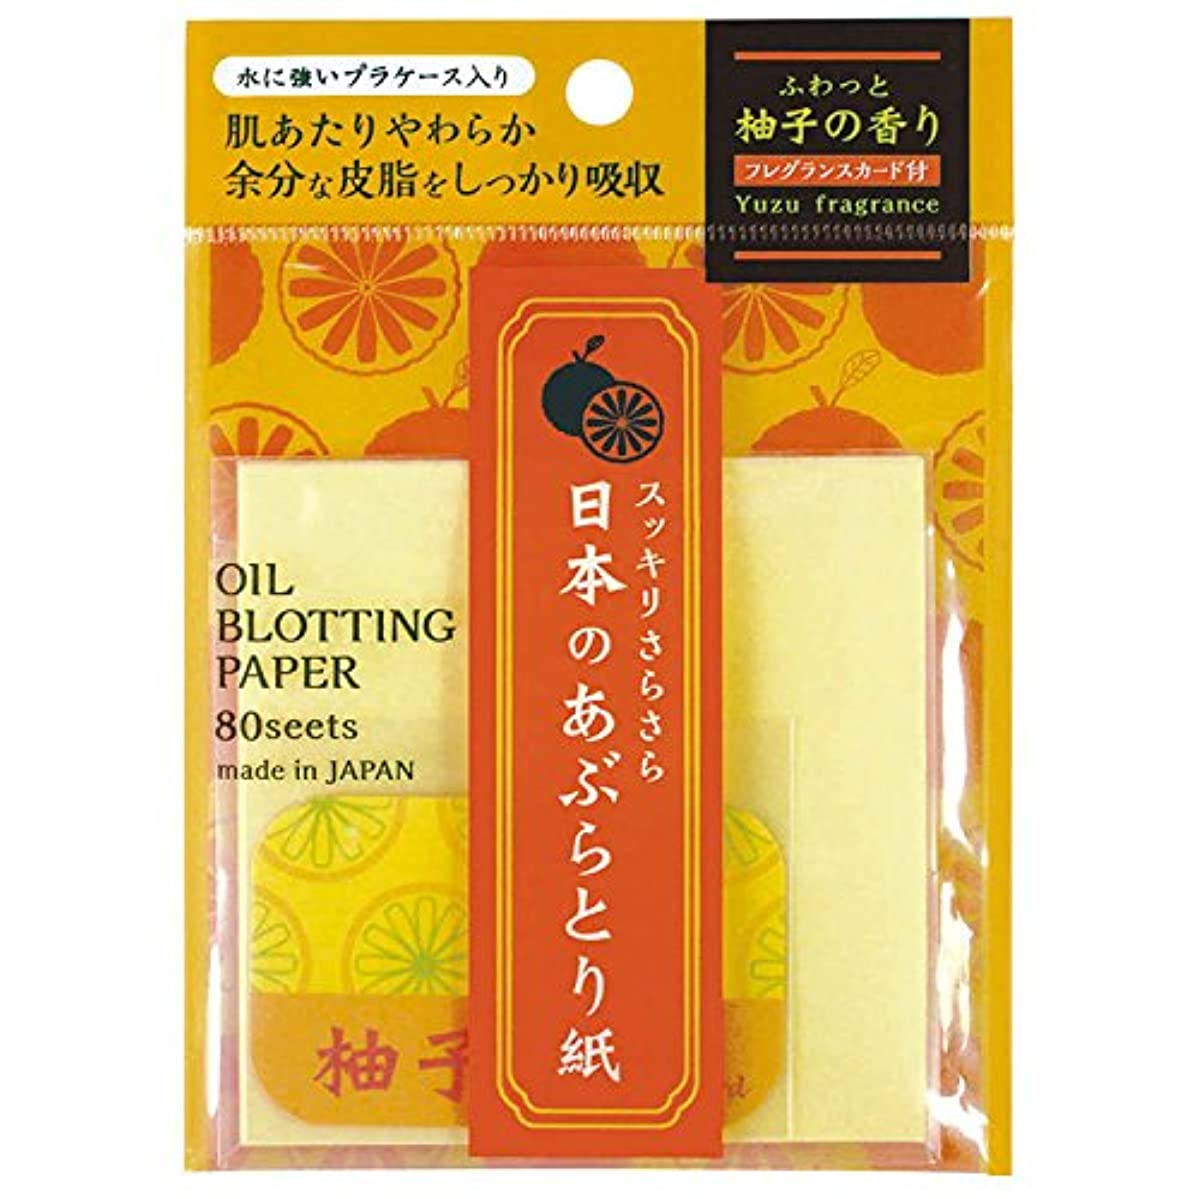 ホイスト汚染された祝福日本のあぶらとり紙 柚子の香り (80枚)